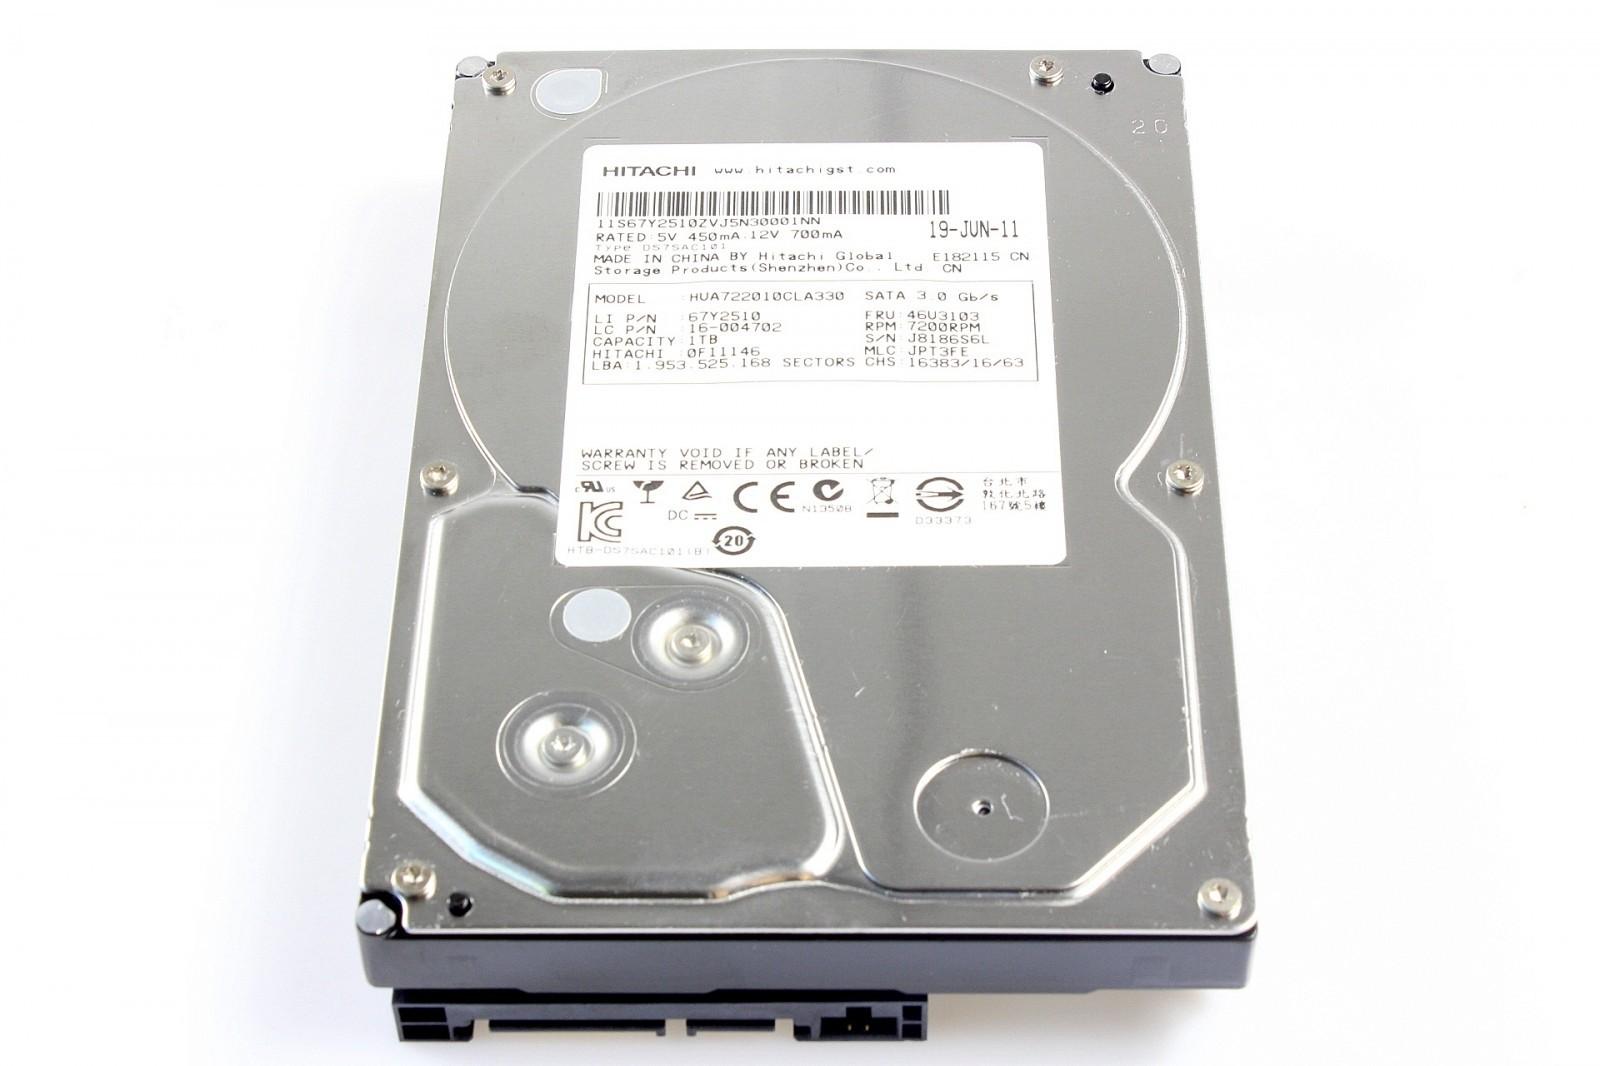 HUA722010CLA330 HITACHI 1TB 7.2K 3G SATA LFF SATA HARD DRIVE Image